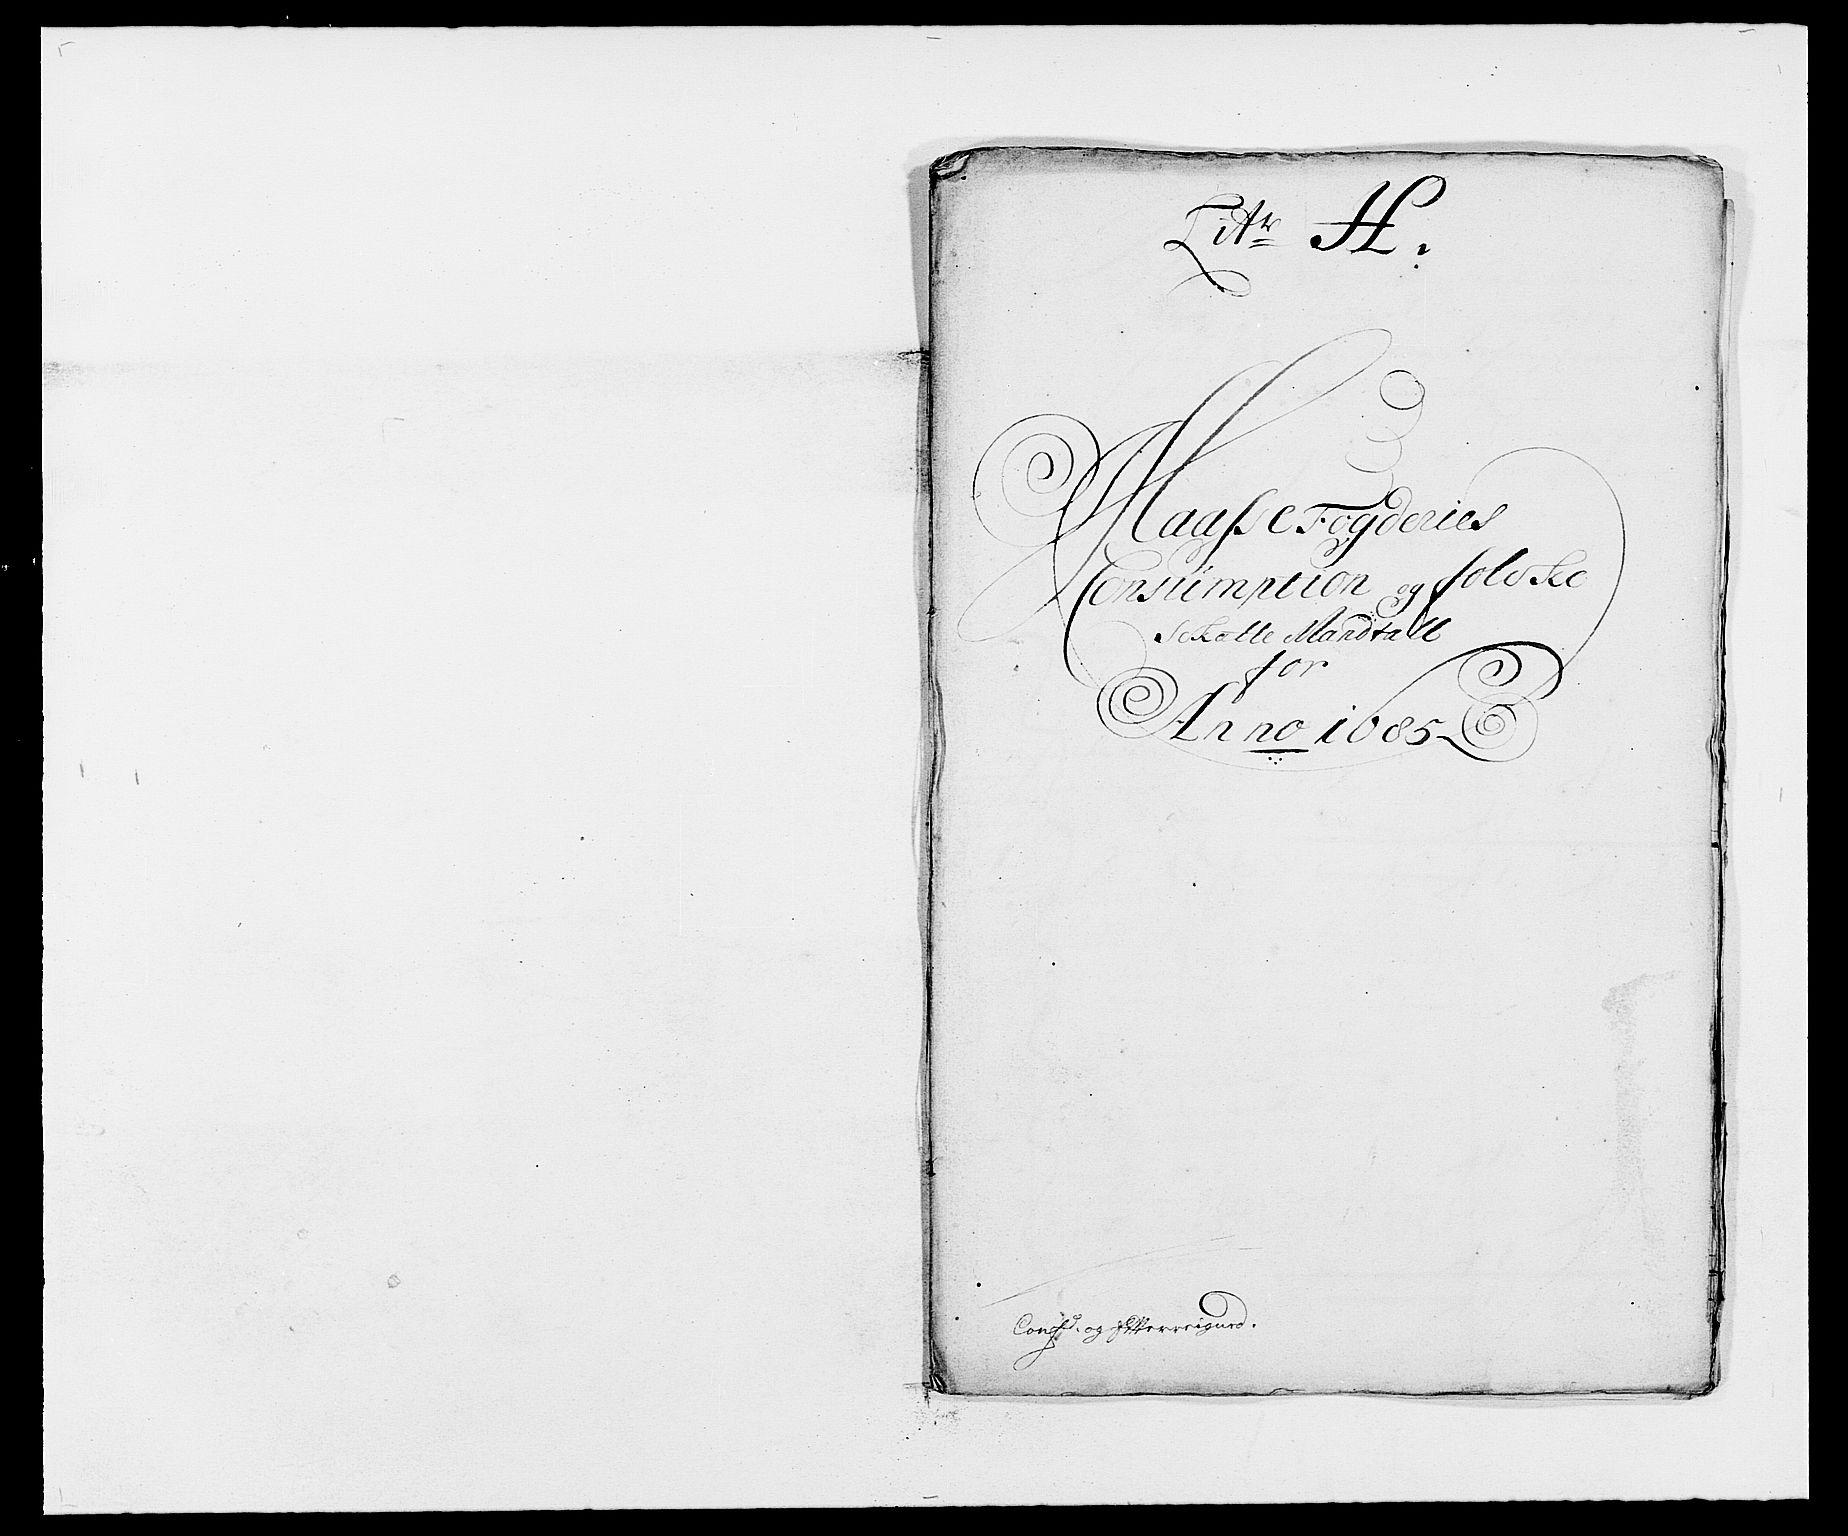 RA, Rentekammeret inntil 1814, Reviderte regnskaper, Fogderegnskap, R02/L0105: Fogderegnskap Moss og Verne kloster, 1685-1687, s. 99